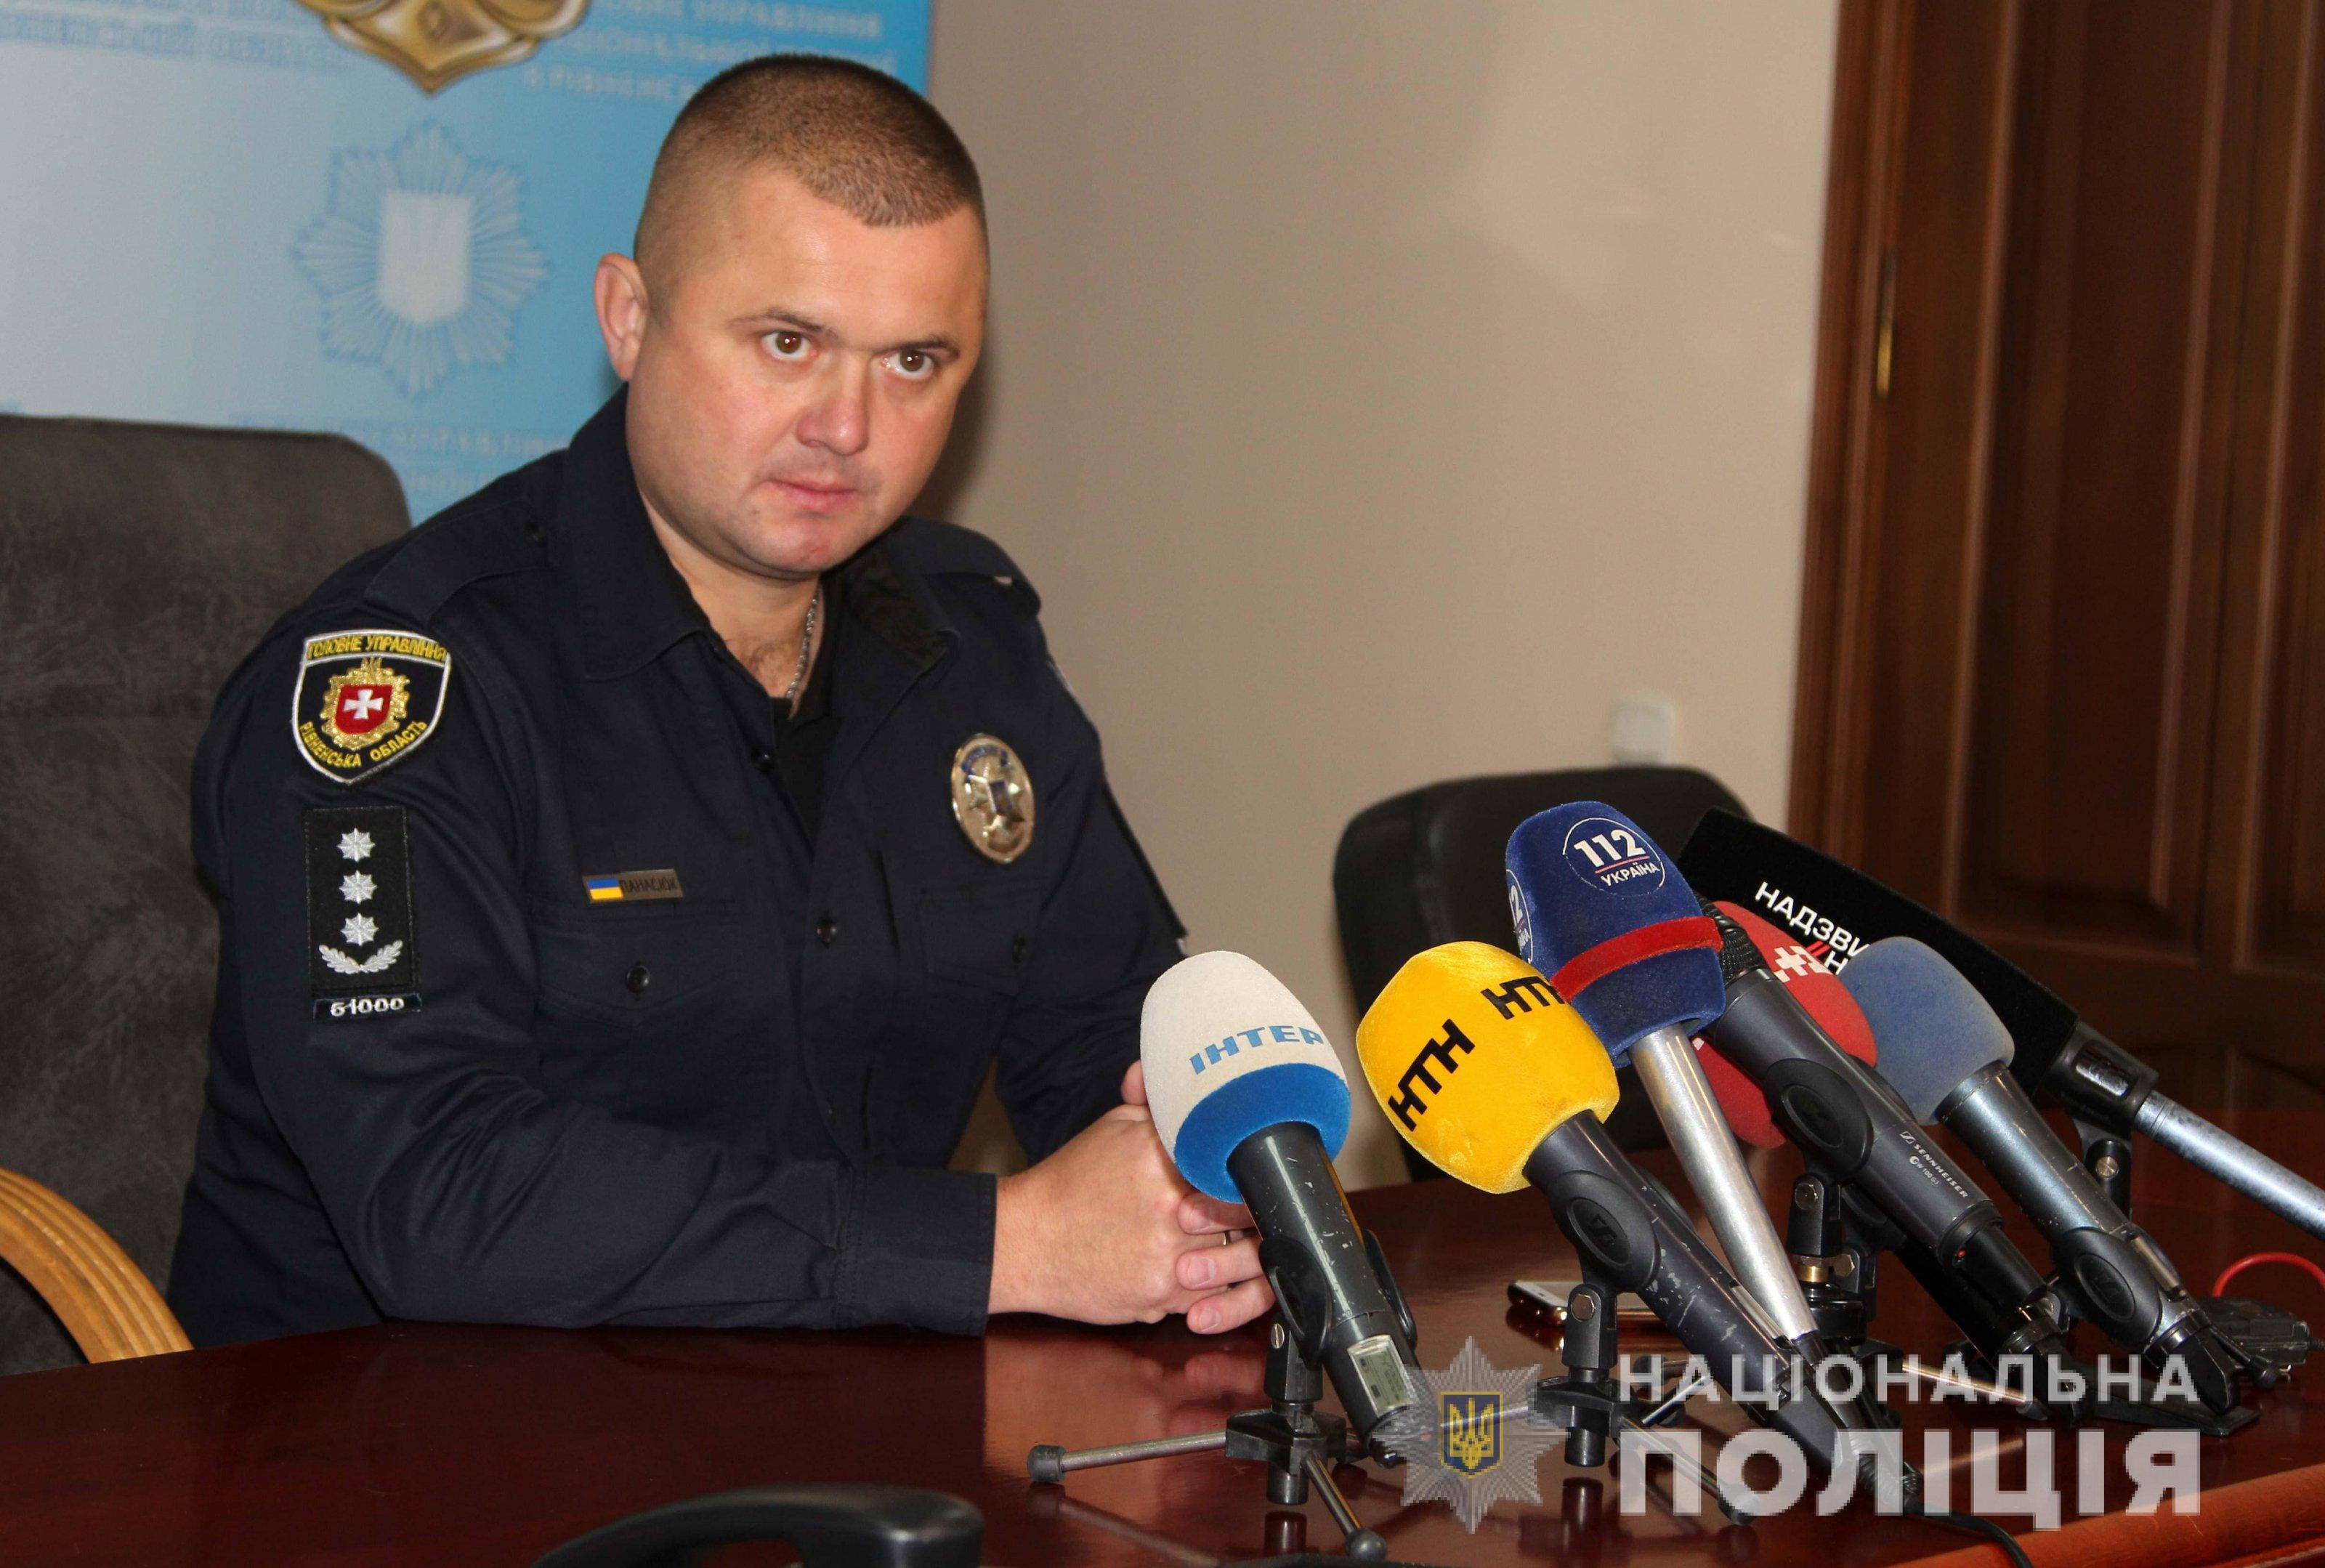 По предварительным данным, полицейский покончил жизнь самоубийством